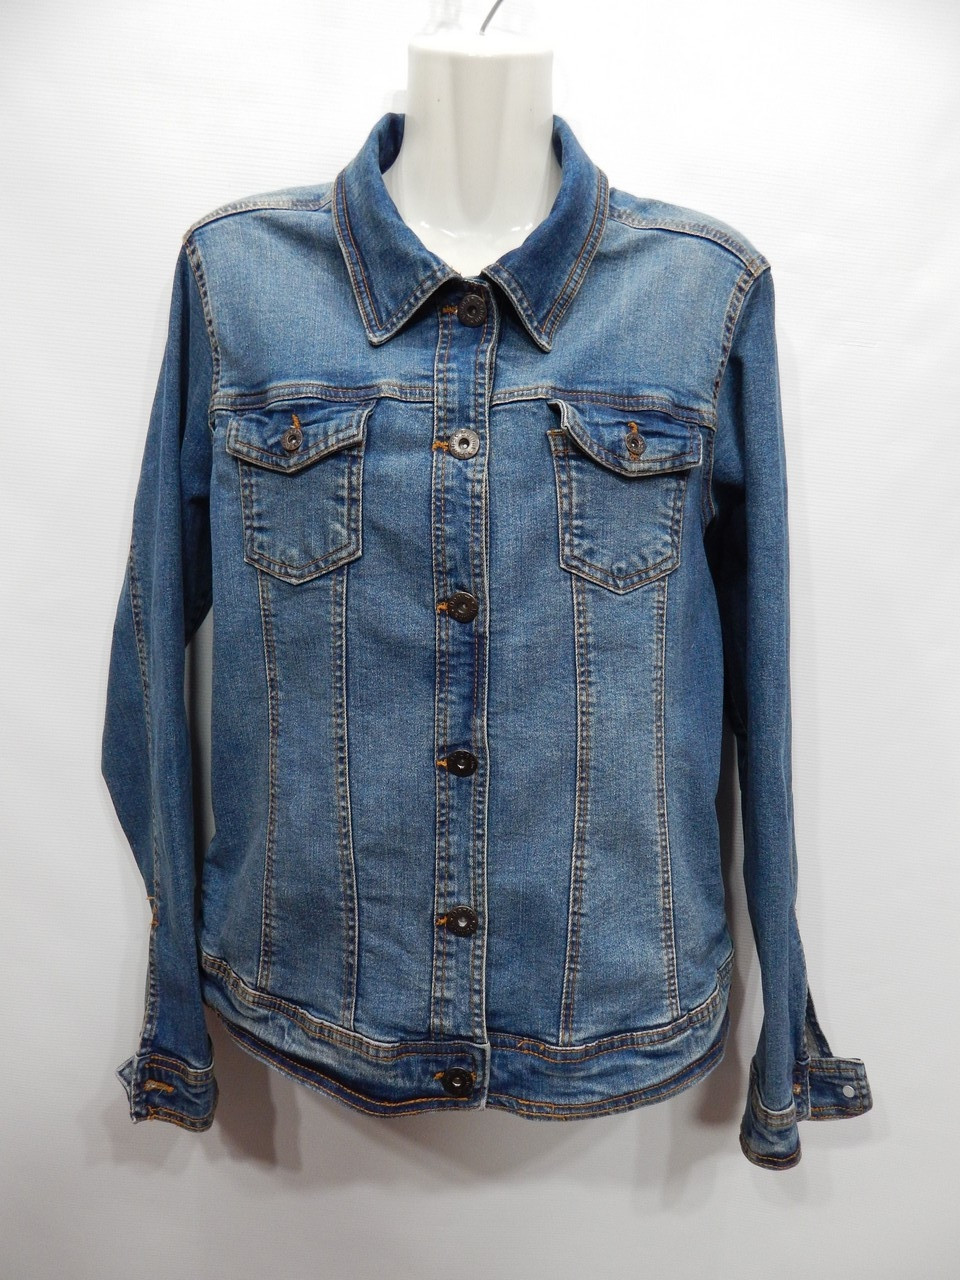 Куртка джинсовая женская Janina denim  RUS р.48-50, EUR 42 011DG